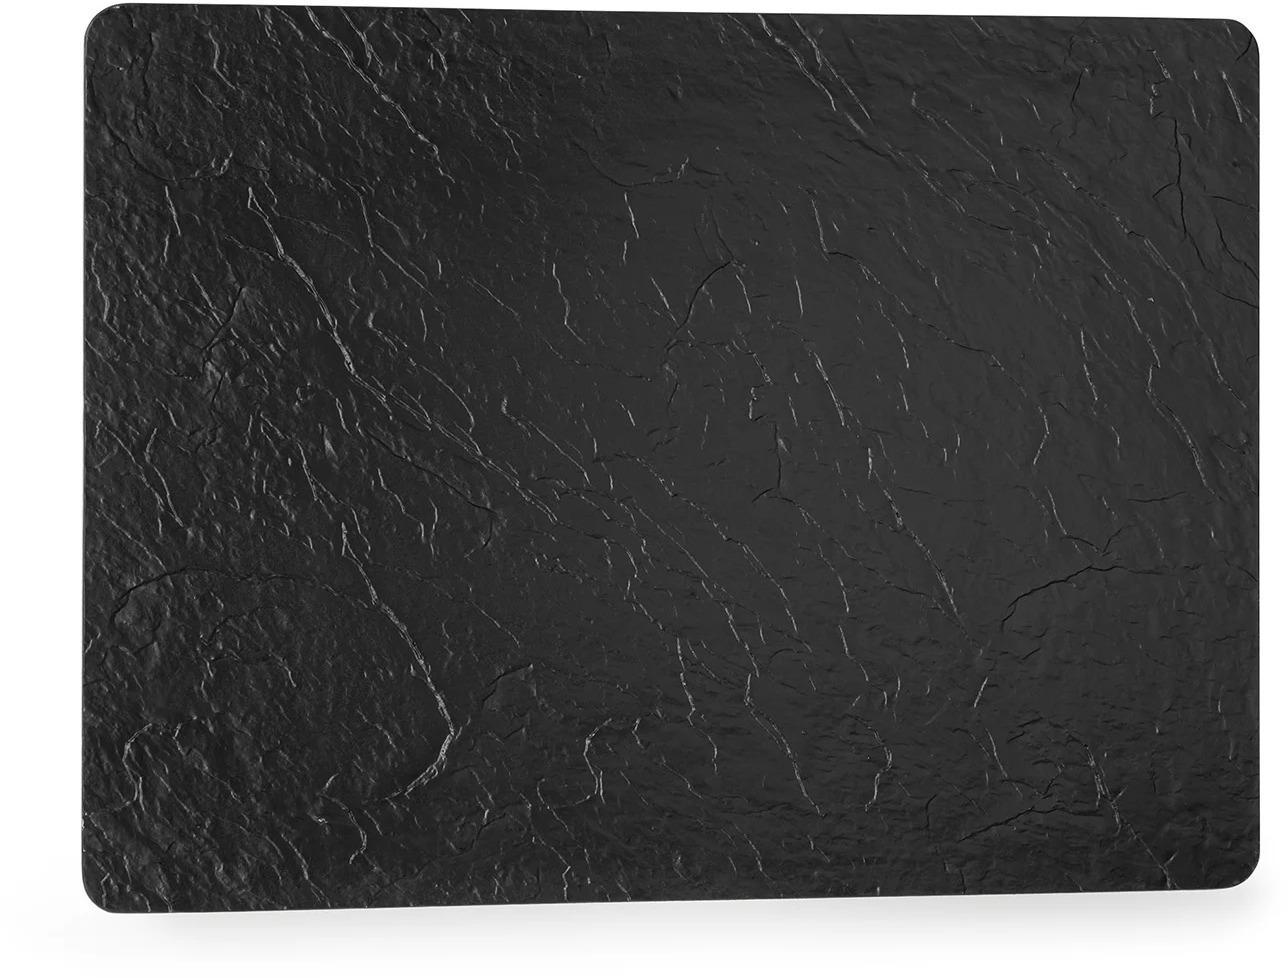 Klarstein Wonderwall Earth, infračervený ohrievač, 80 x 60 cm, 550 W, nástenná montáž, čierny